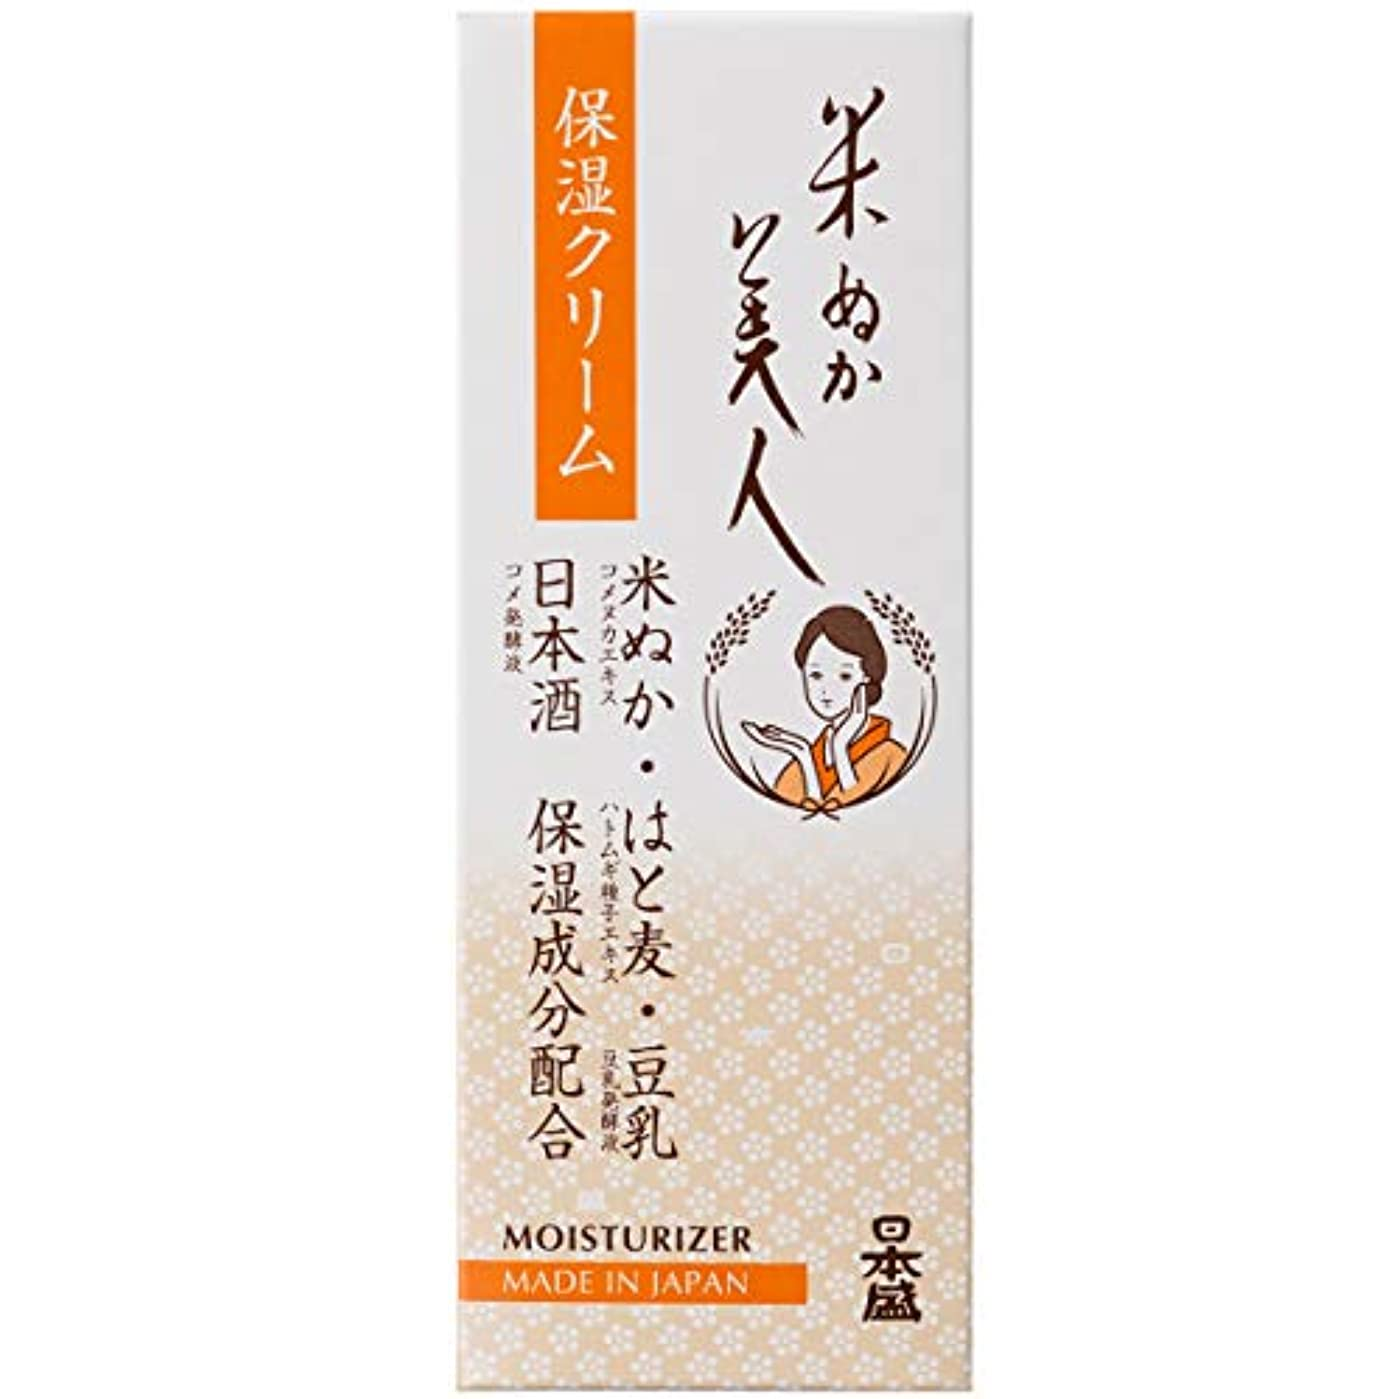 日本盛 米ぬか美人 保湿クリーム 35g(無香料 無着色 弱酸性)